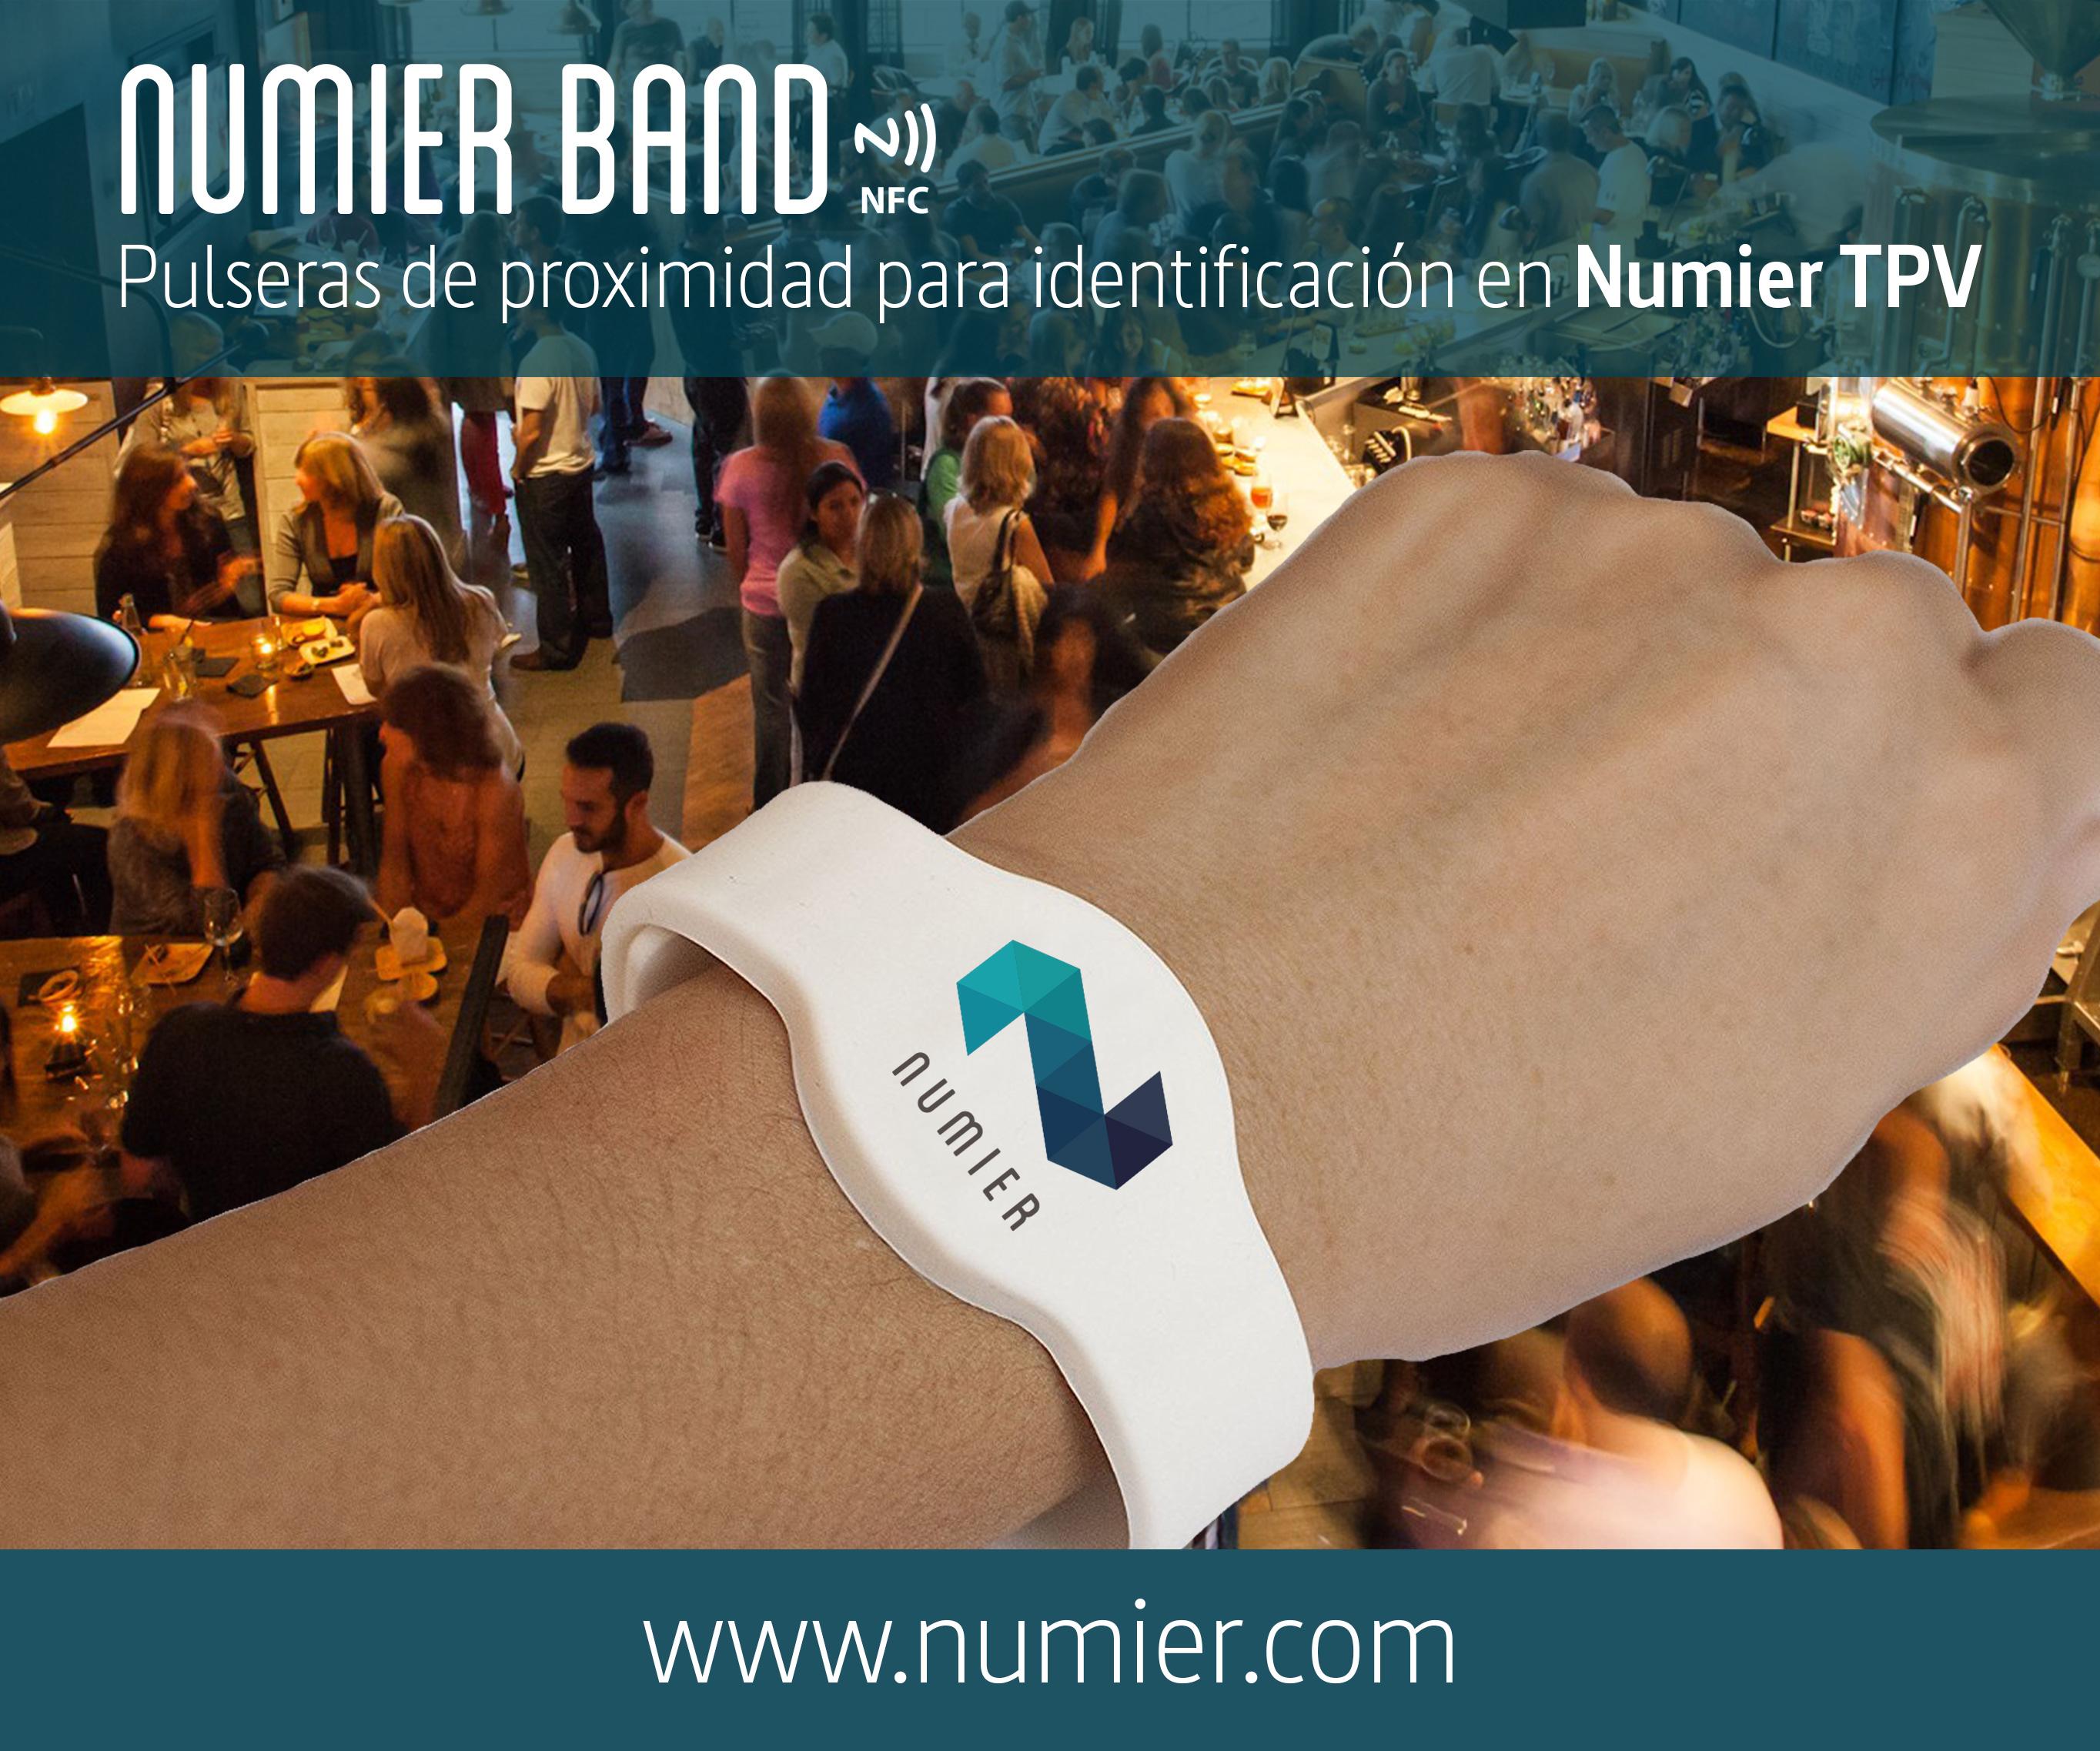 Numier BAND. Nuevas pulseras de registro horario para hostelería.